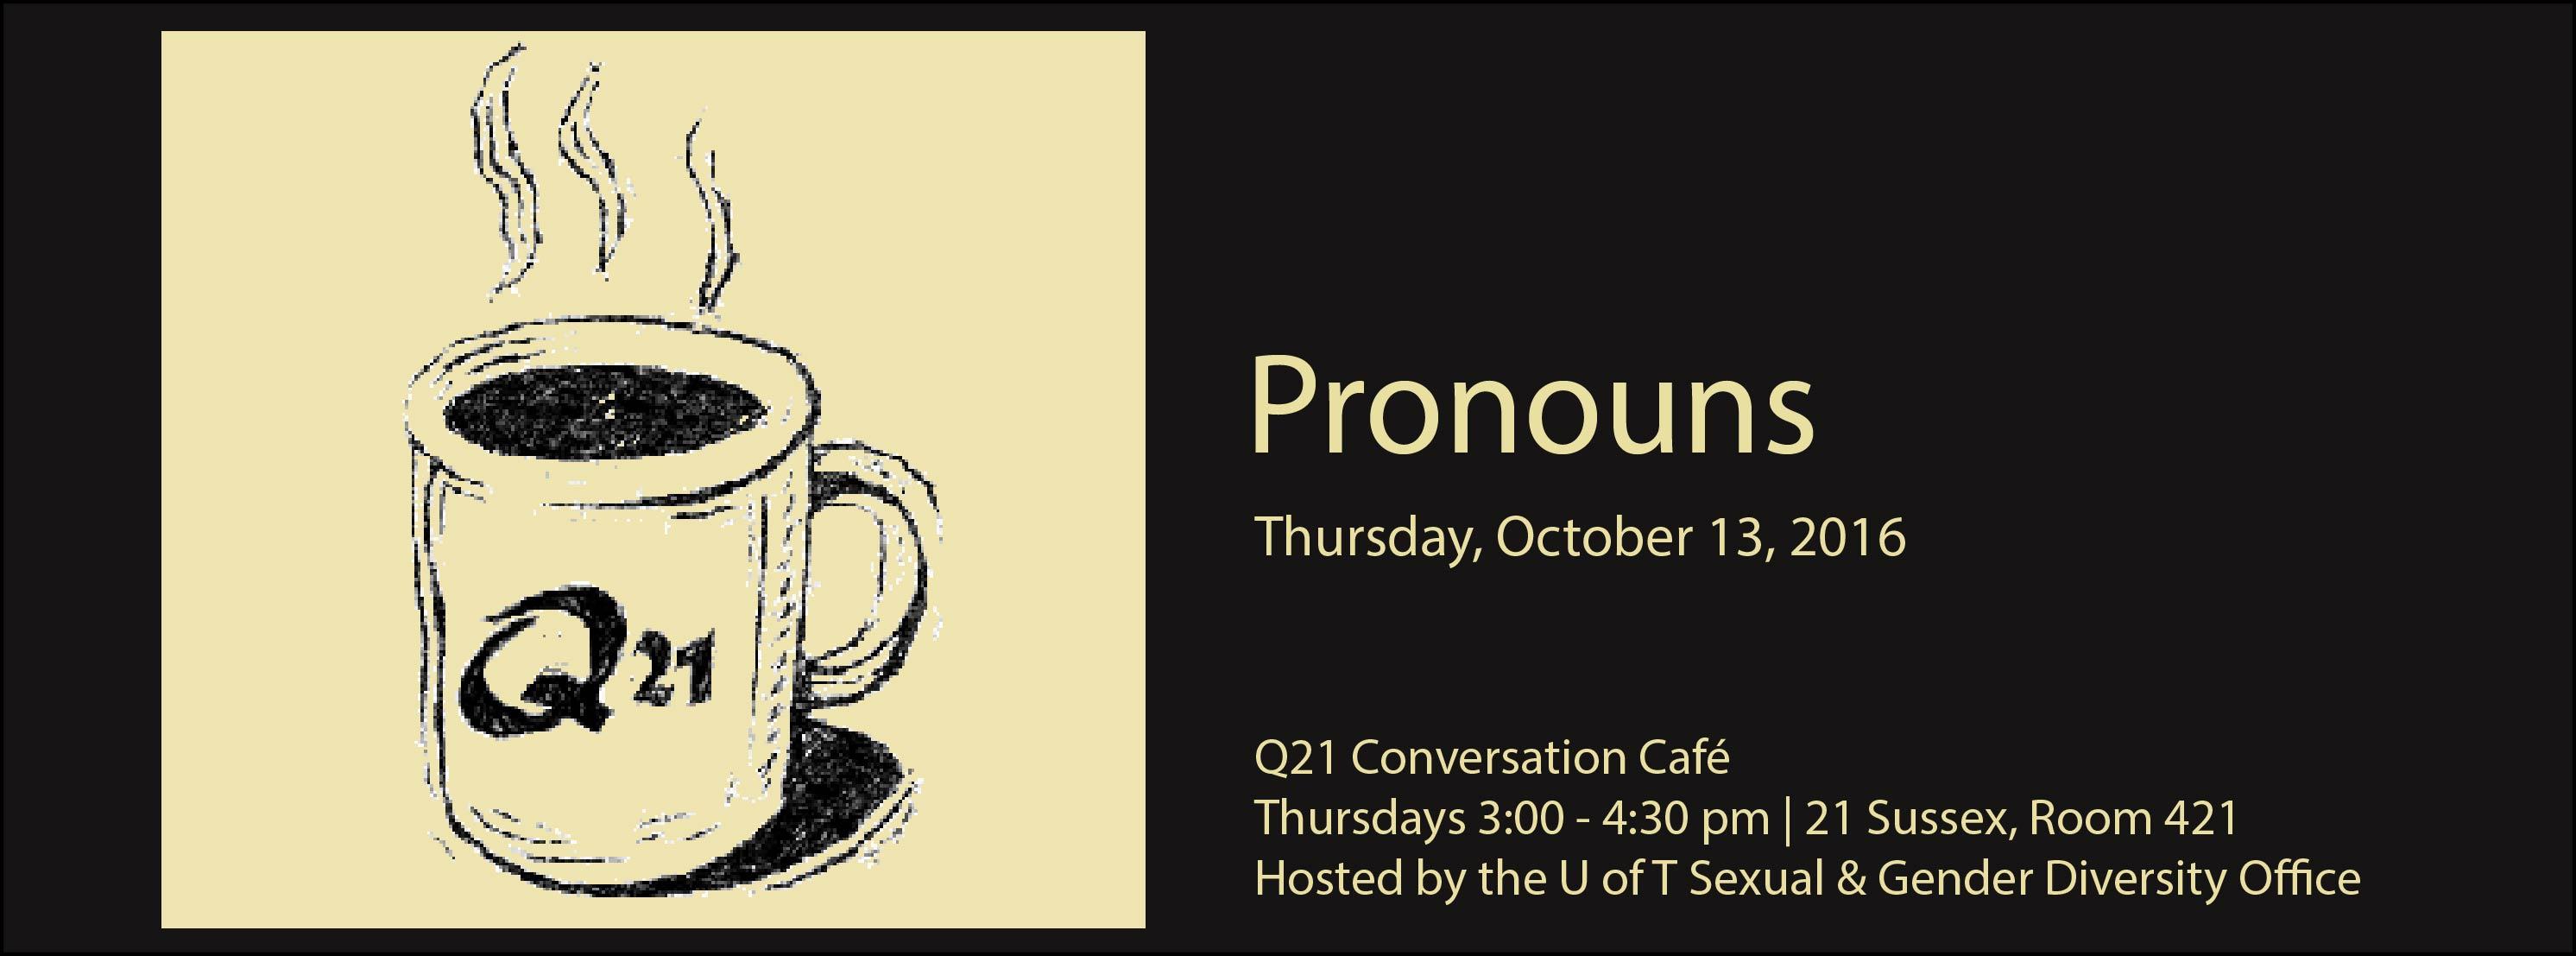 q21-pronouns-2016